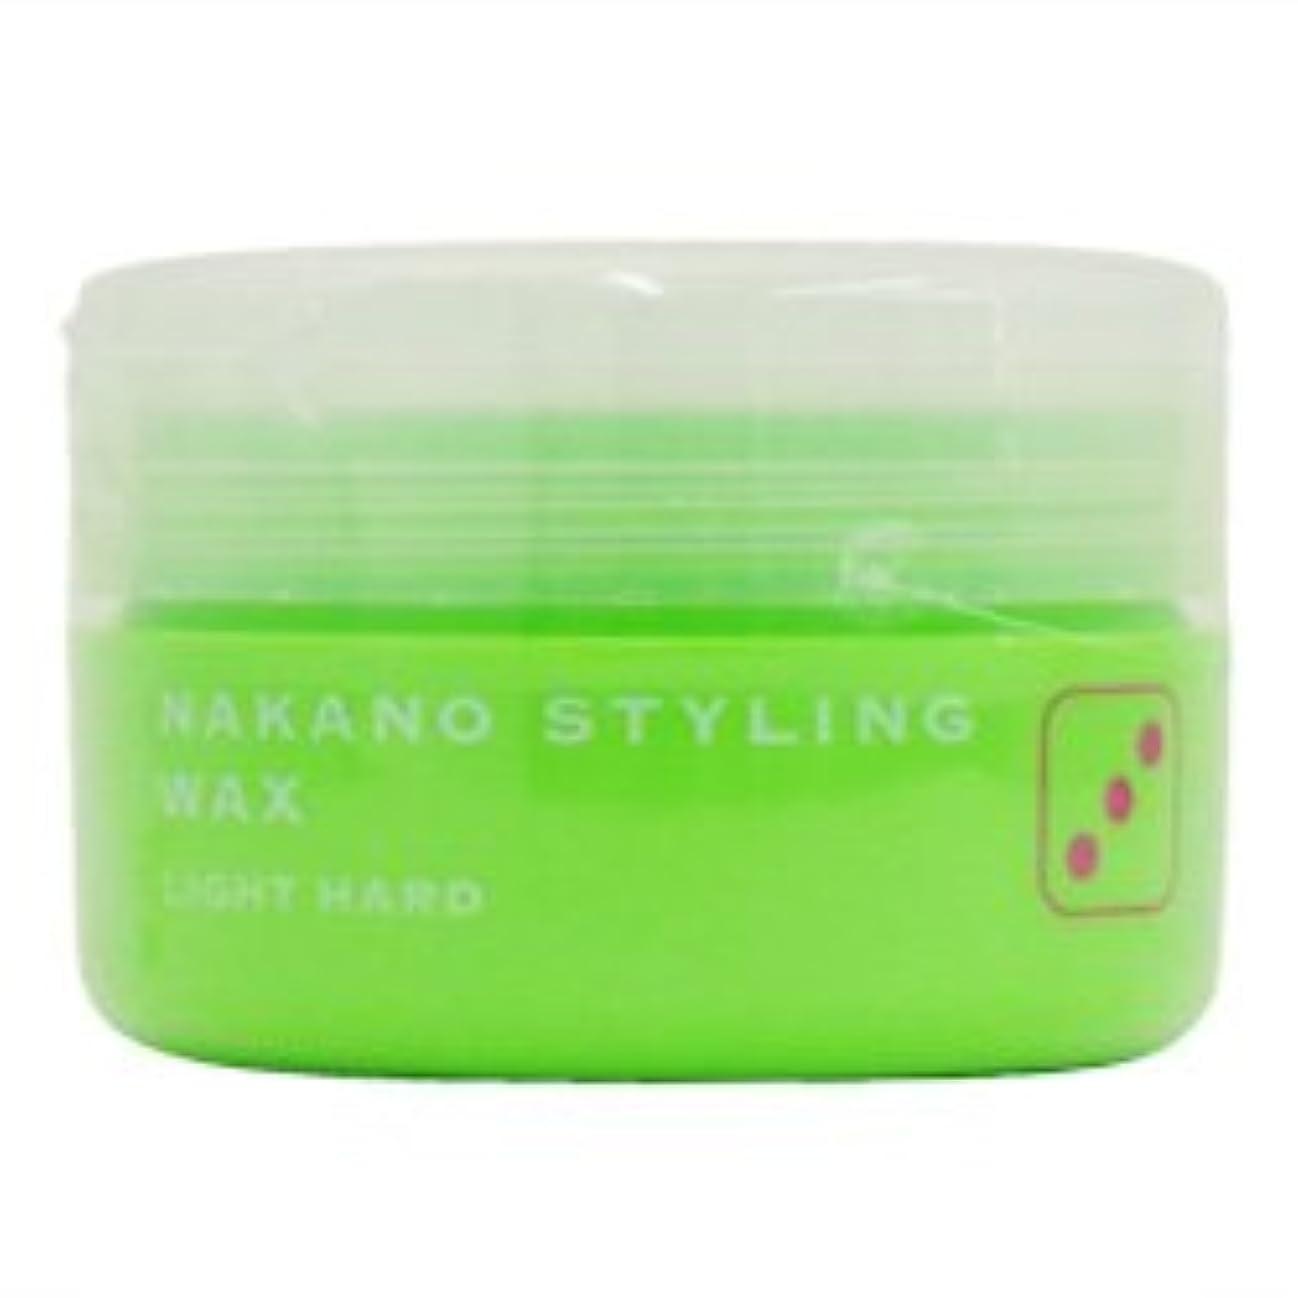 肯定的敬意を表するデクリメントナカノ スタイリングワックス 3 ライトハード 90g 中野製薬 NAKANO